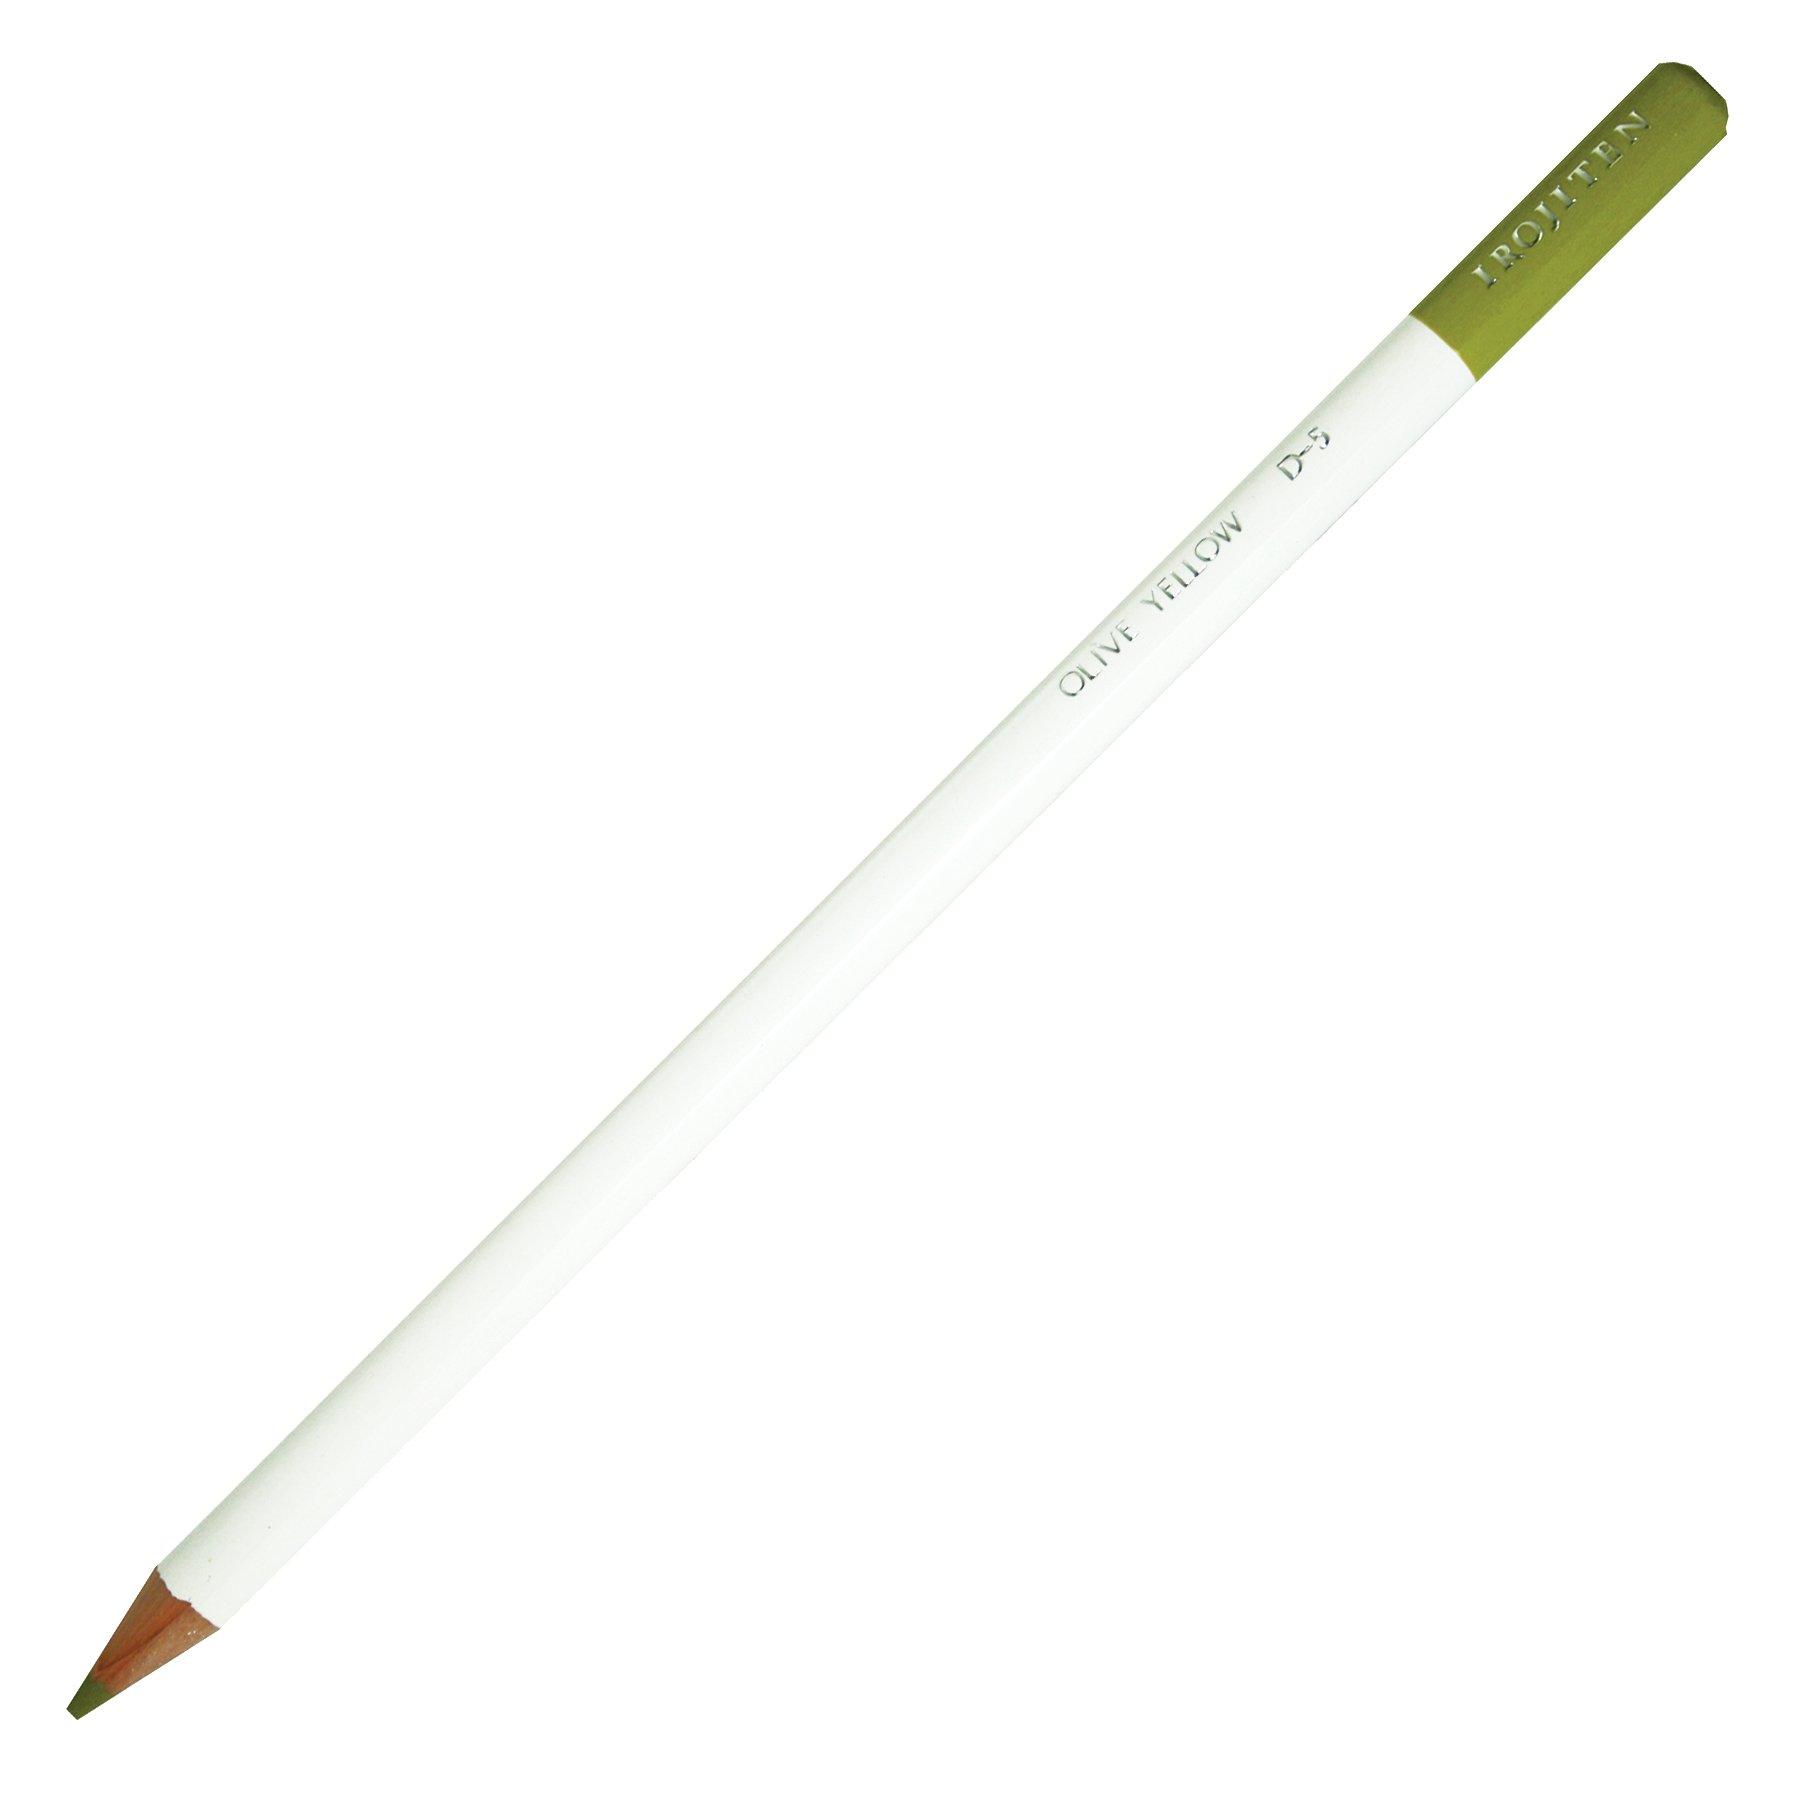 Tombow Irojiten Lápiz de color , verde oliva D5, 1 paquete